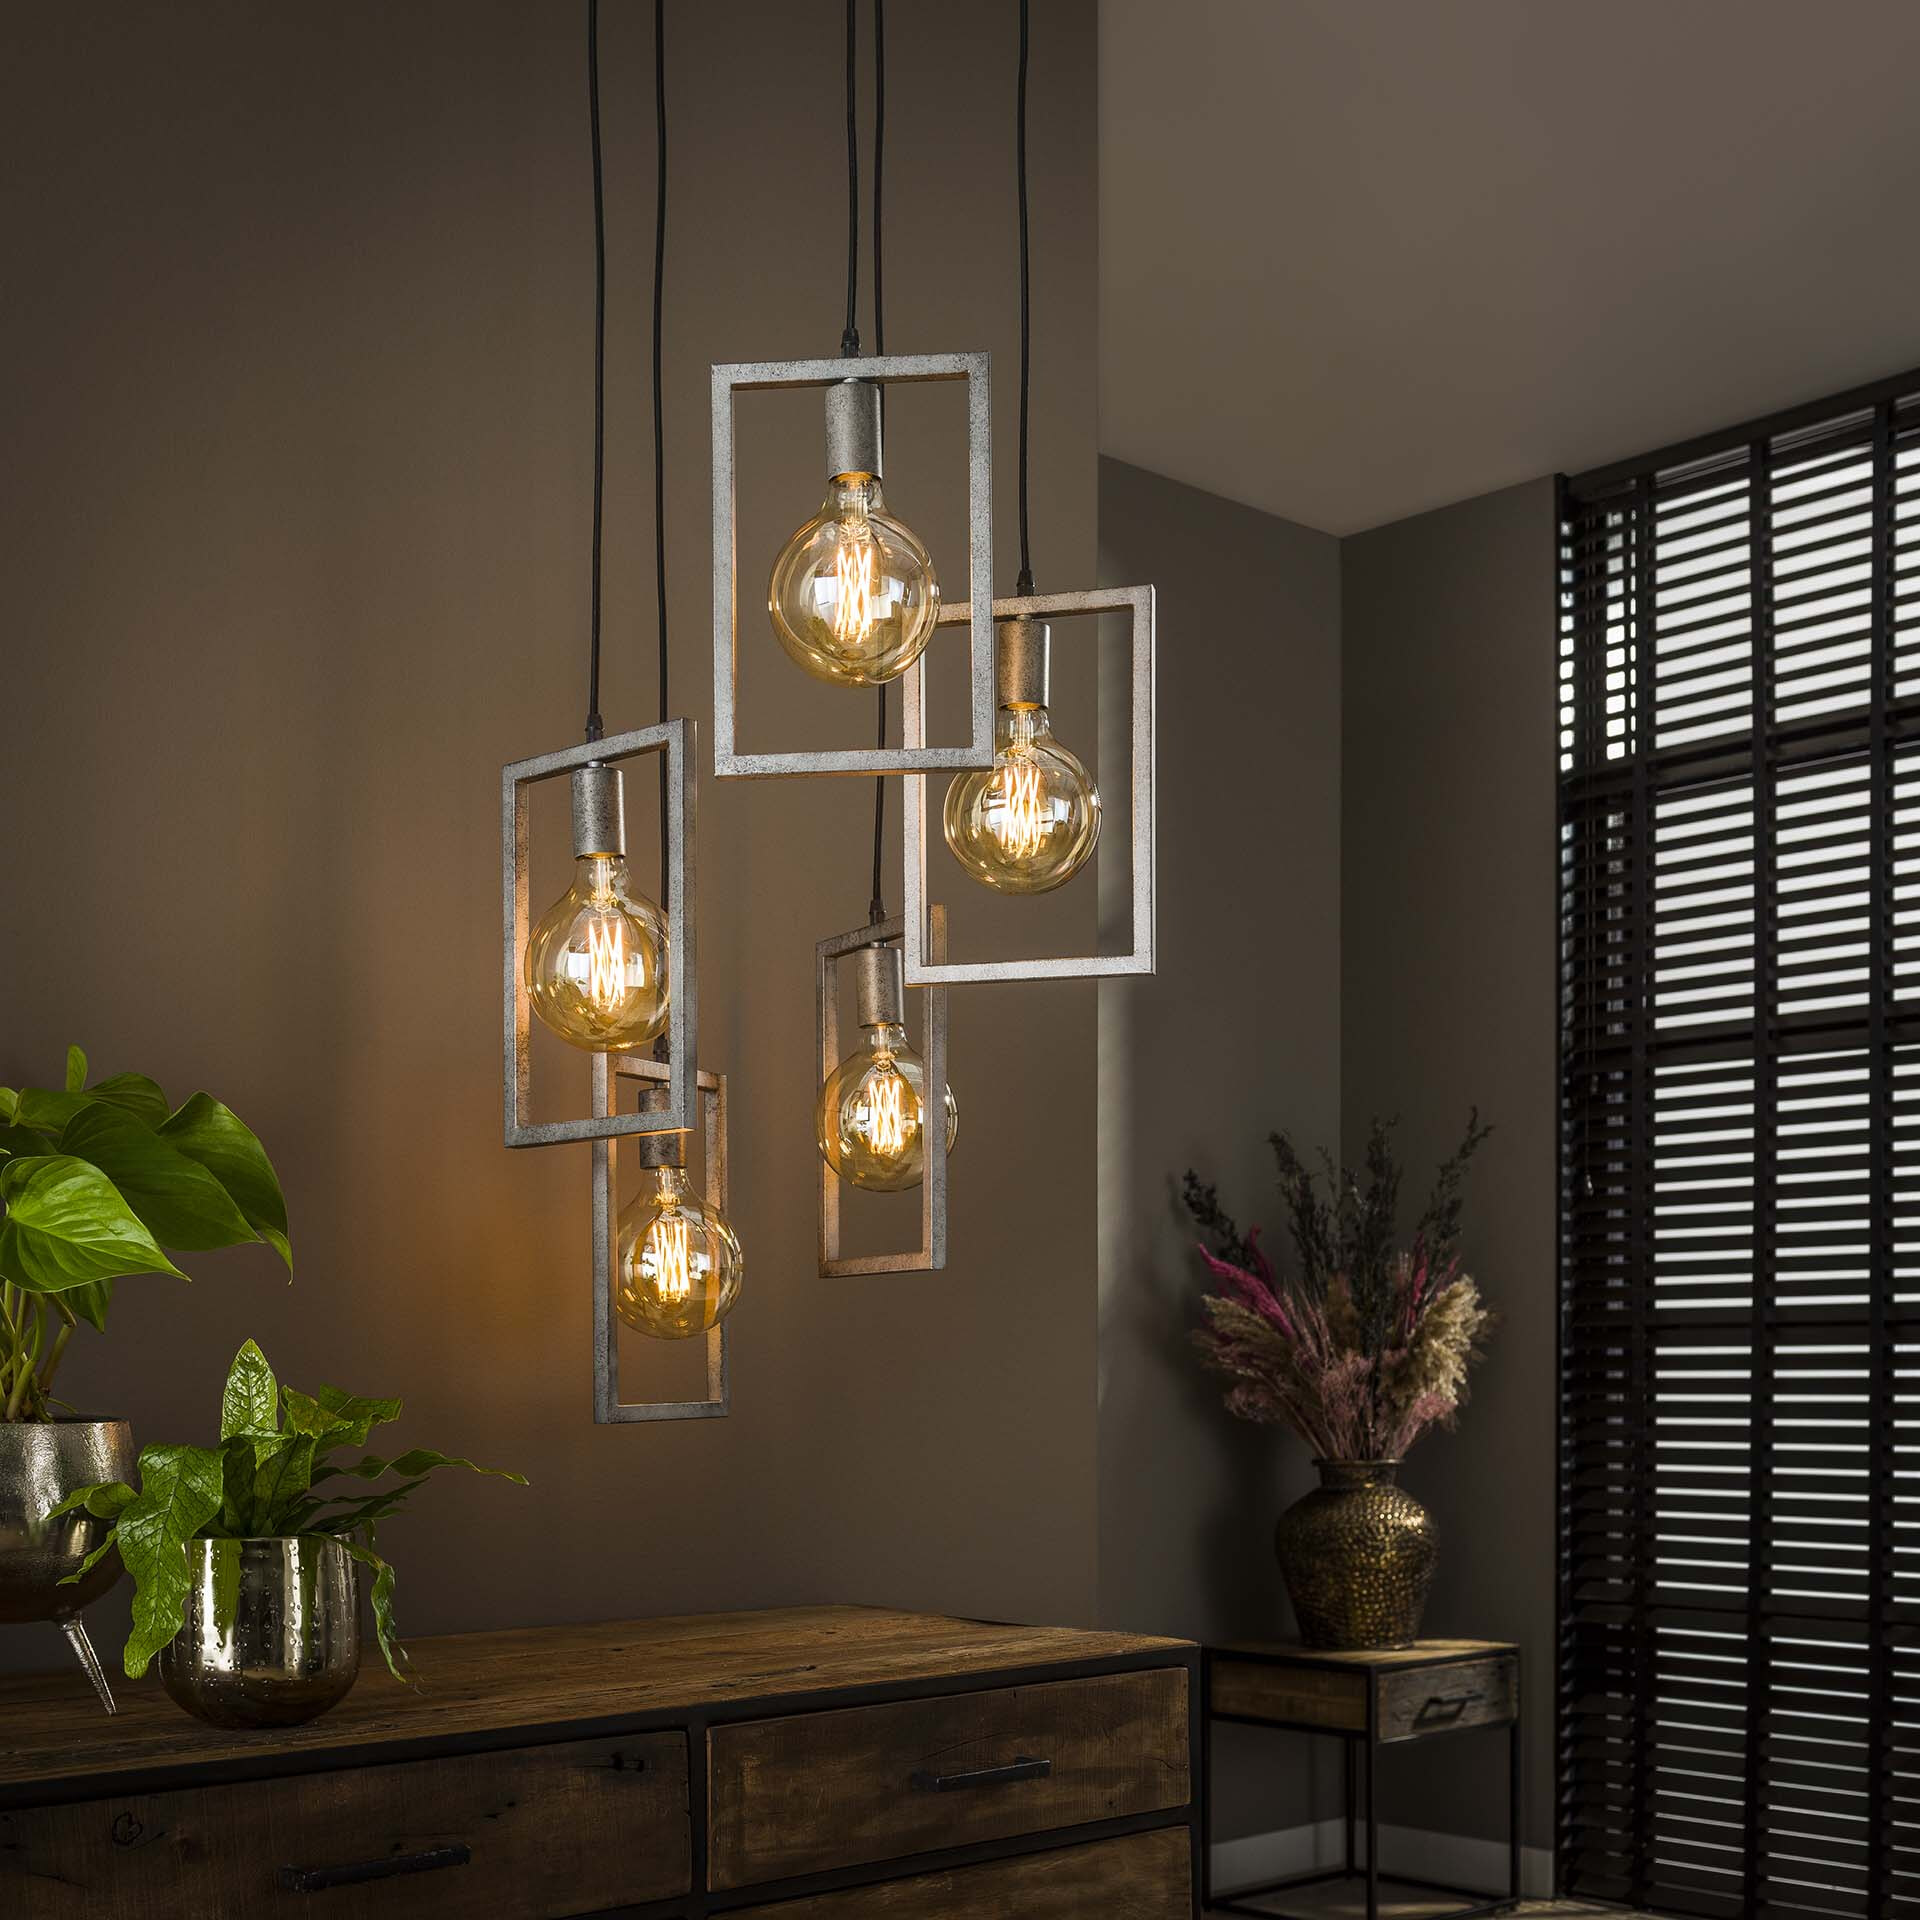 Hanglamp 'Danielle' Oud zilver, 5-lamps getrapt